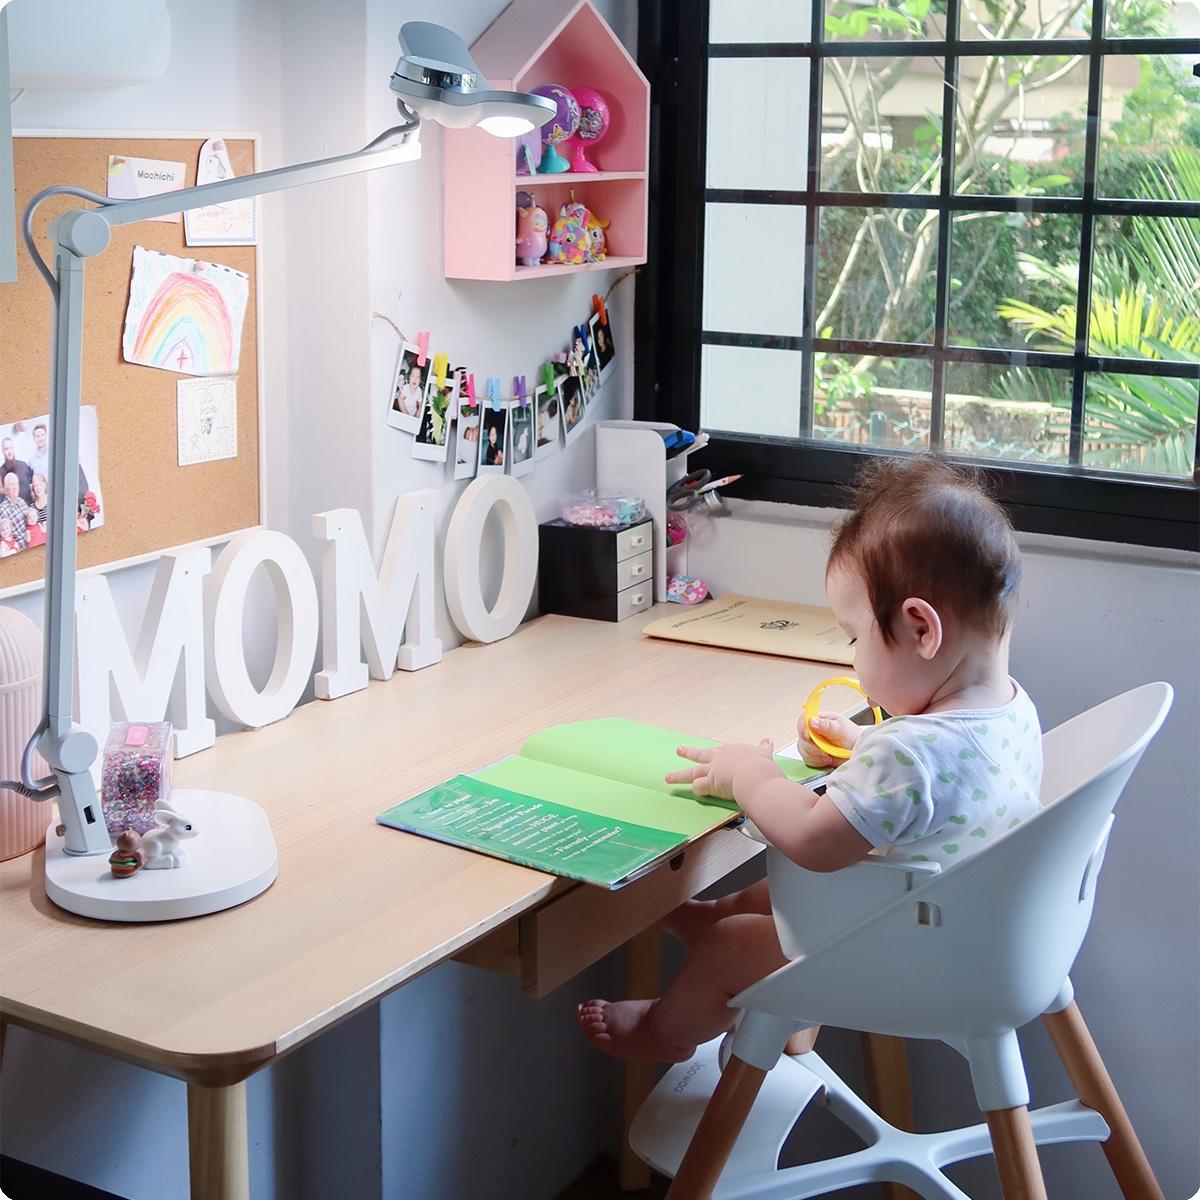 #母婴好物大赏# 明基MindDuo护眼台灯使用分享